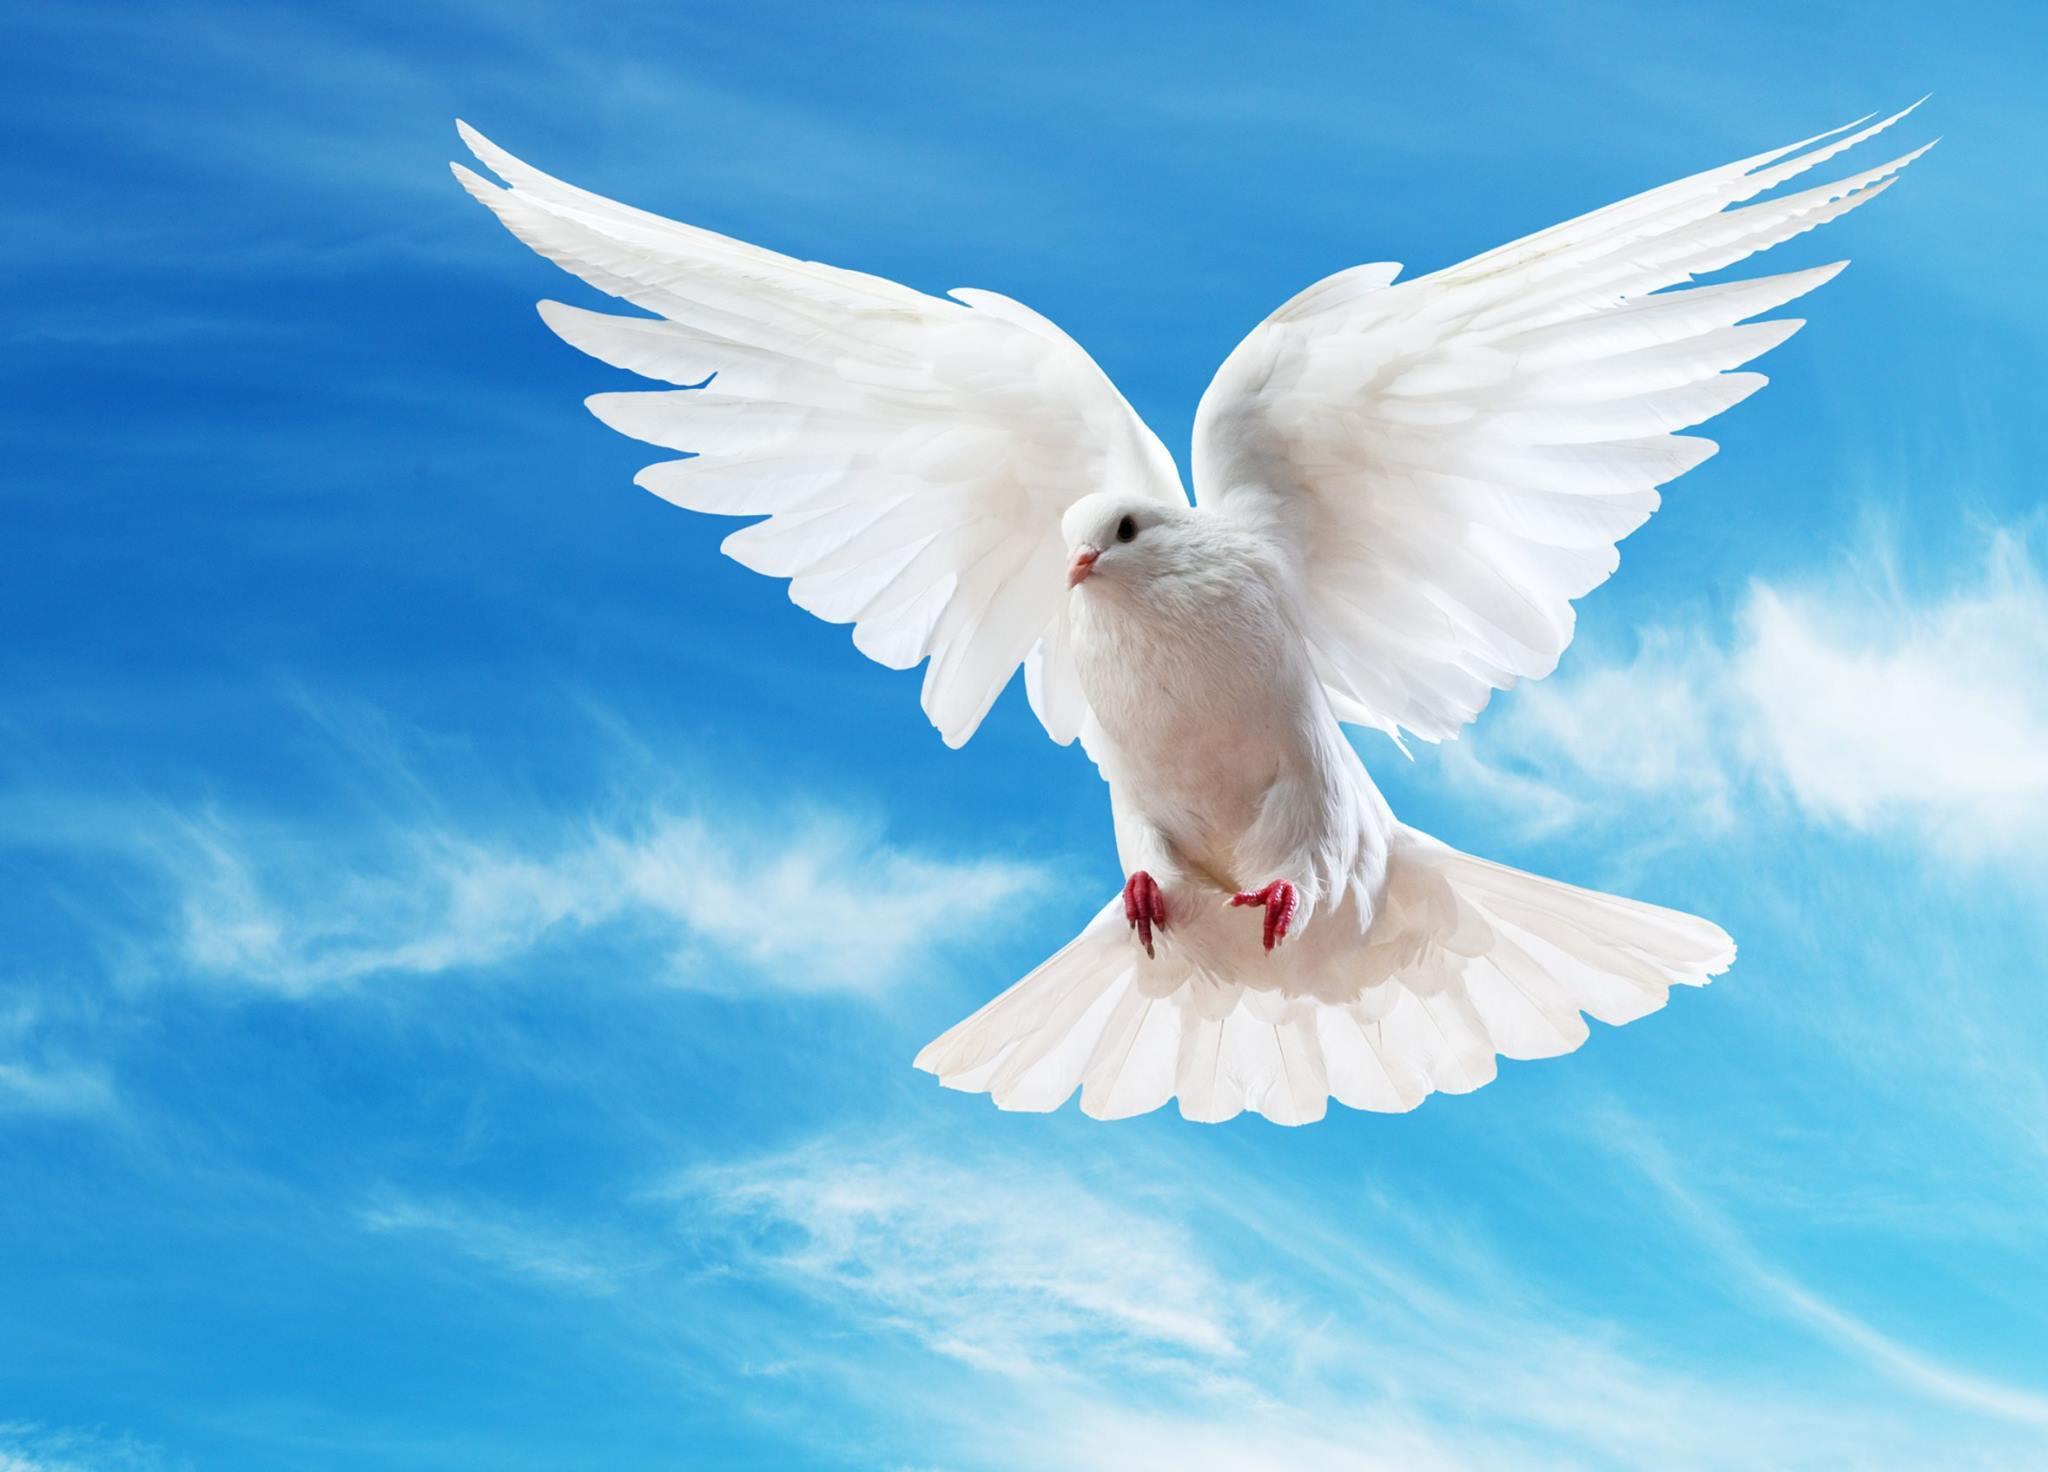 صور حمام ابيض يرفرف في السماء 16 صور حمامه السلام